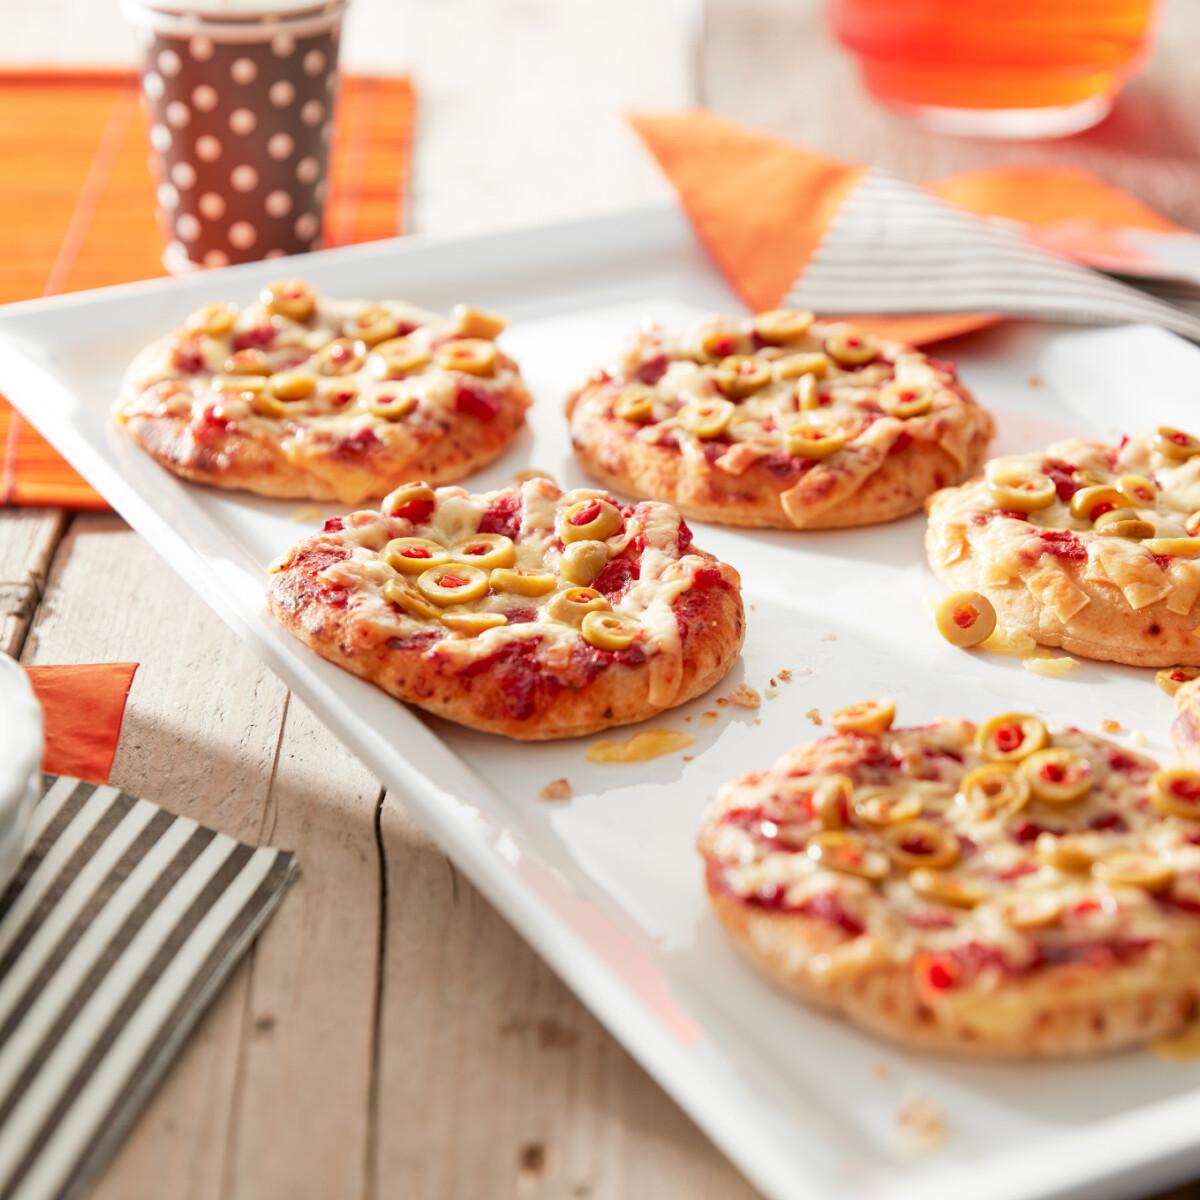 Mini pizza Philips Airfryerben készítve